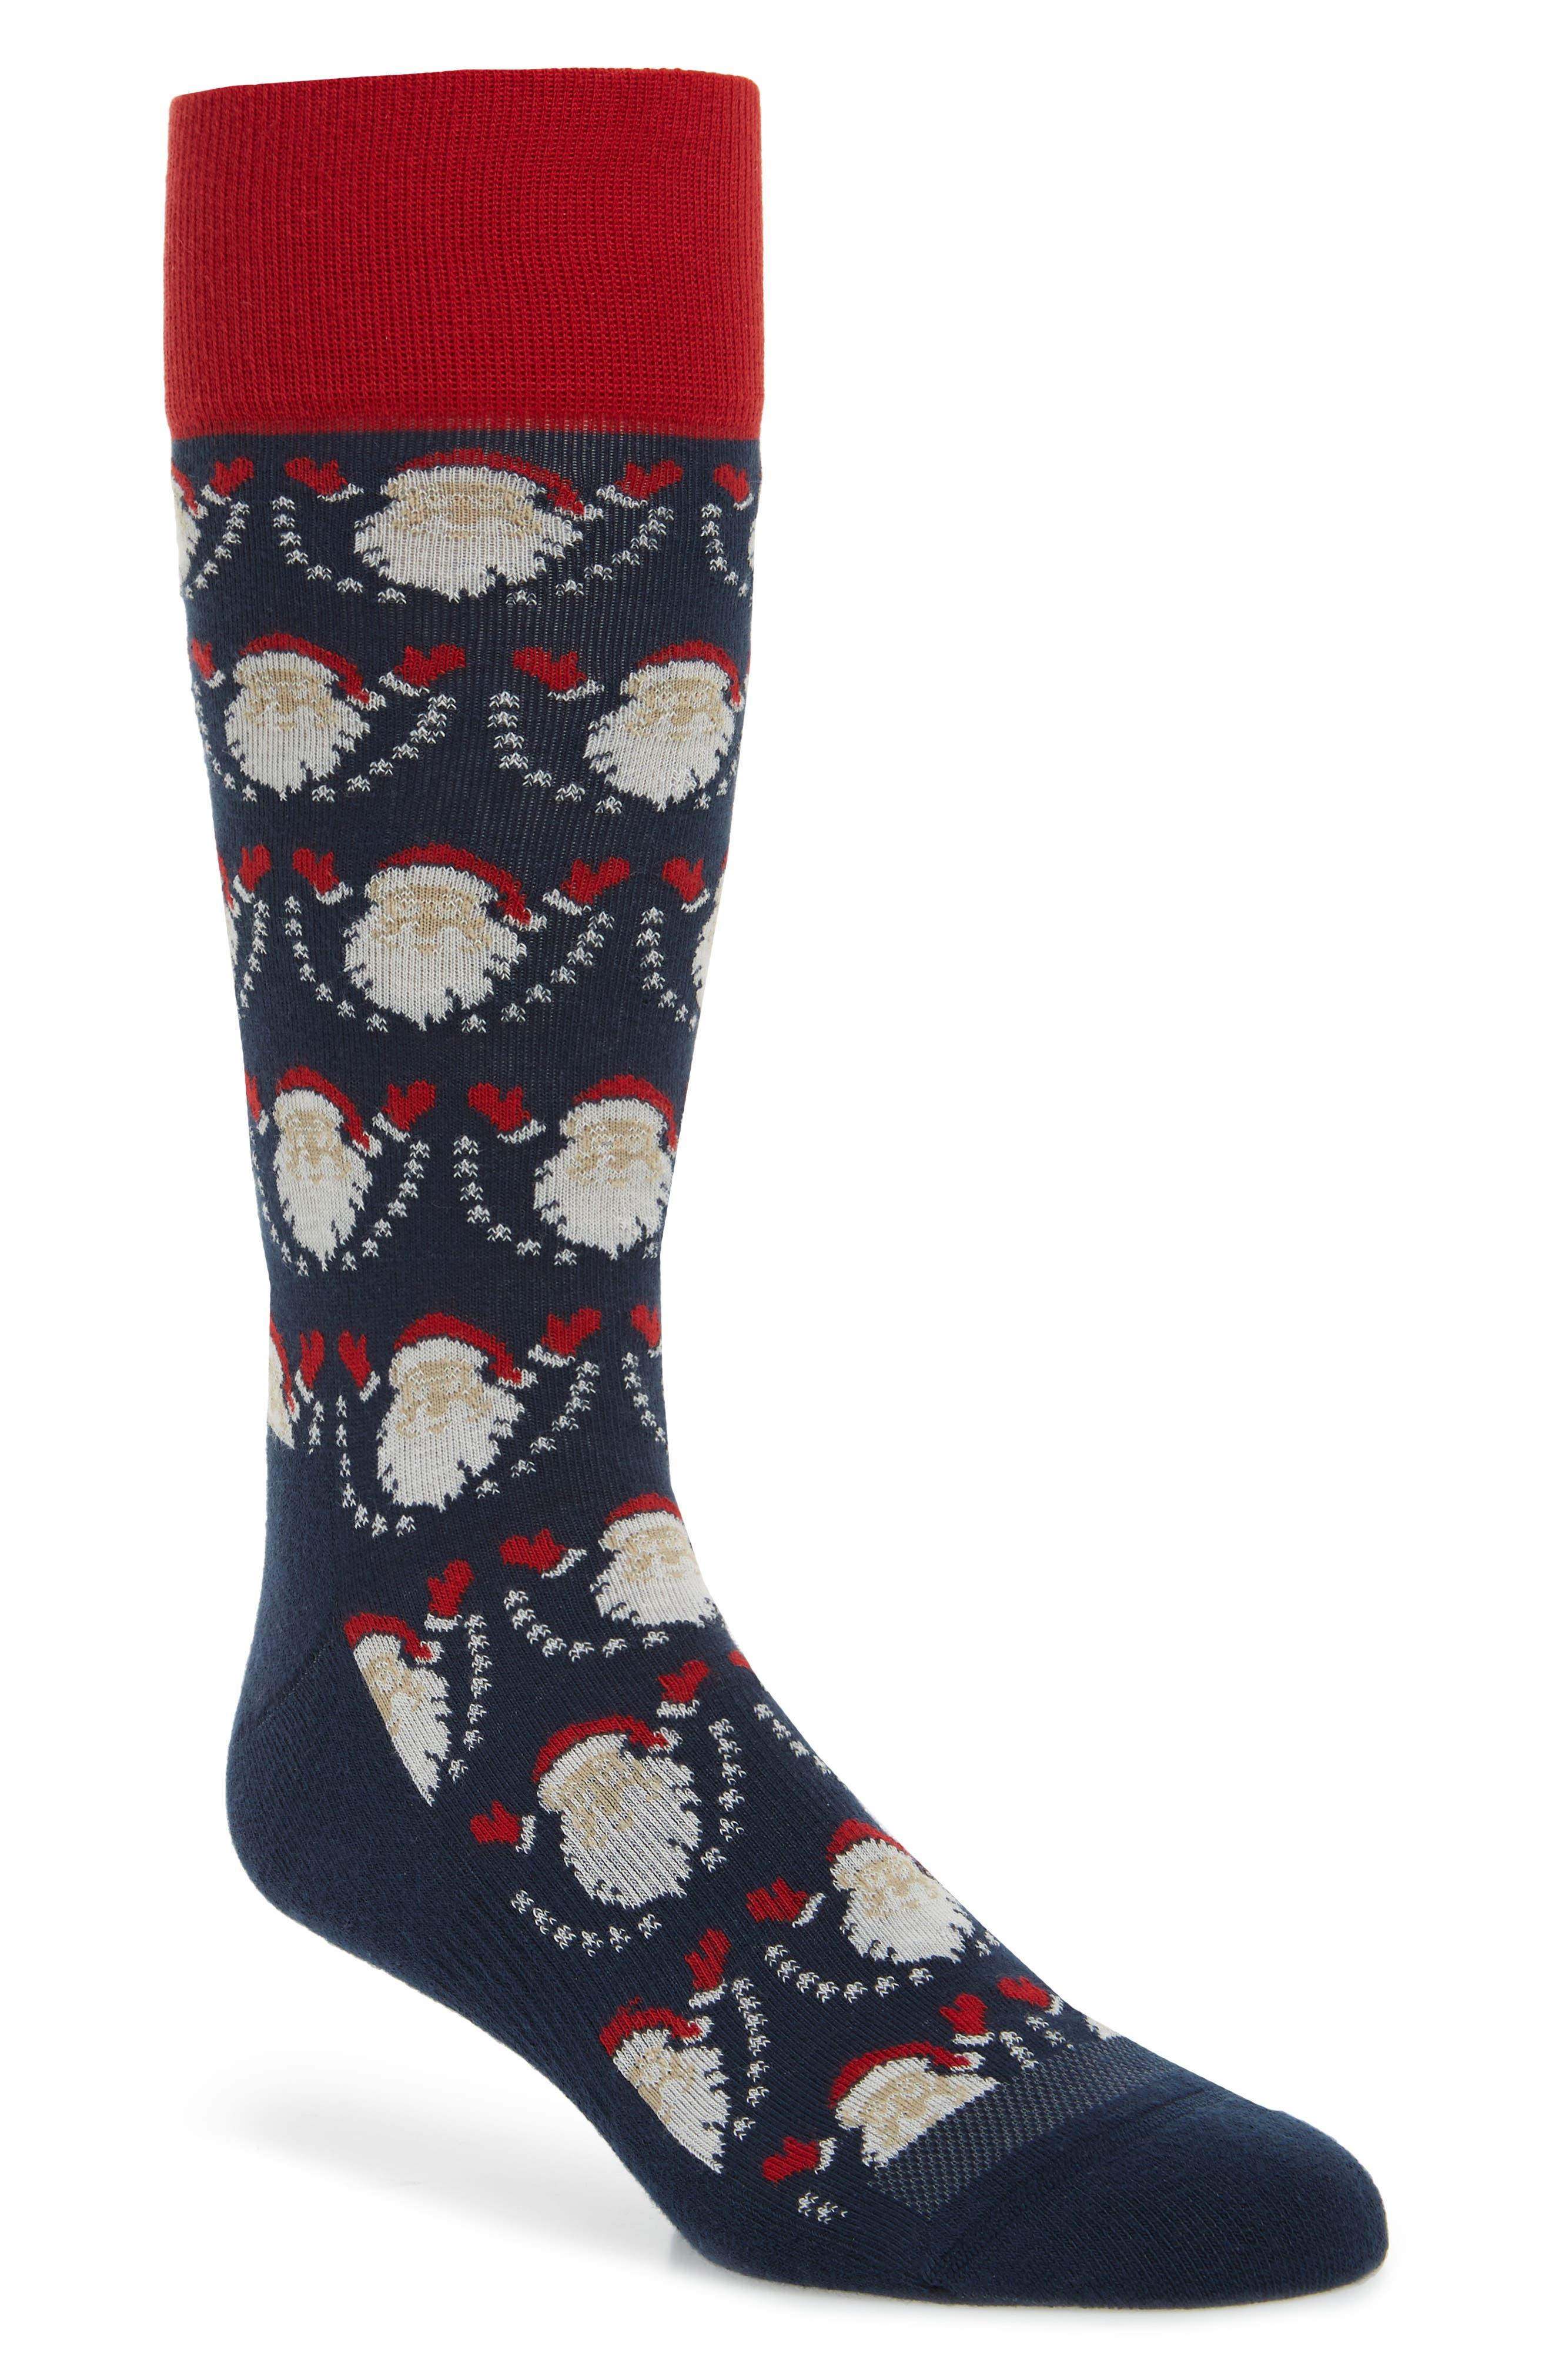 Holiday Pop-Up Santa Socks,                         Main,                         color, 410